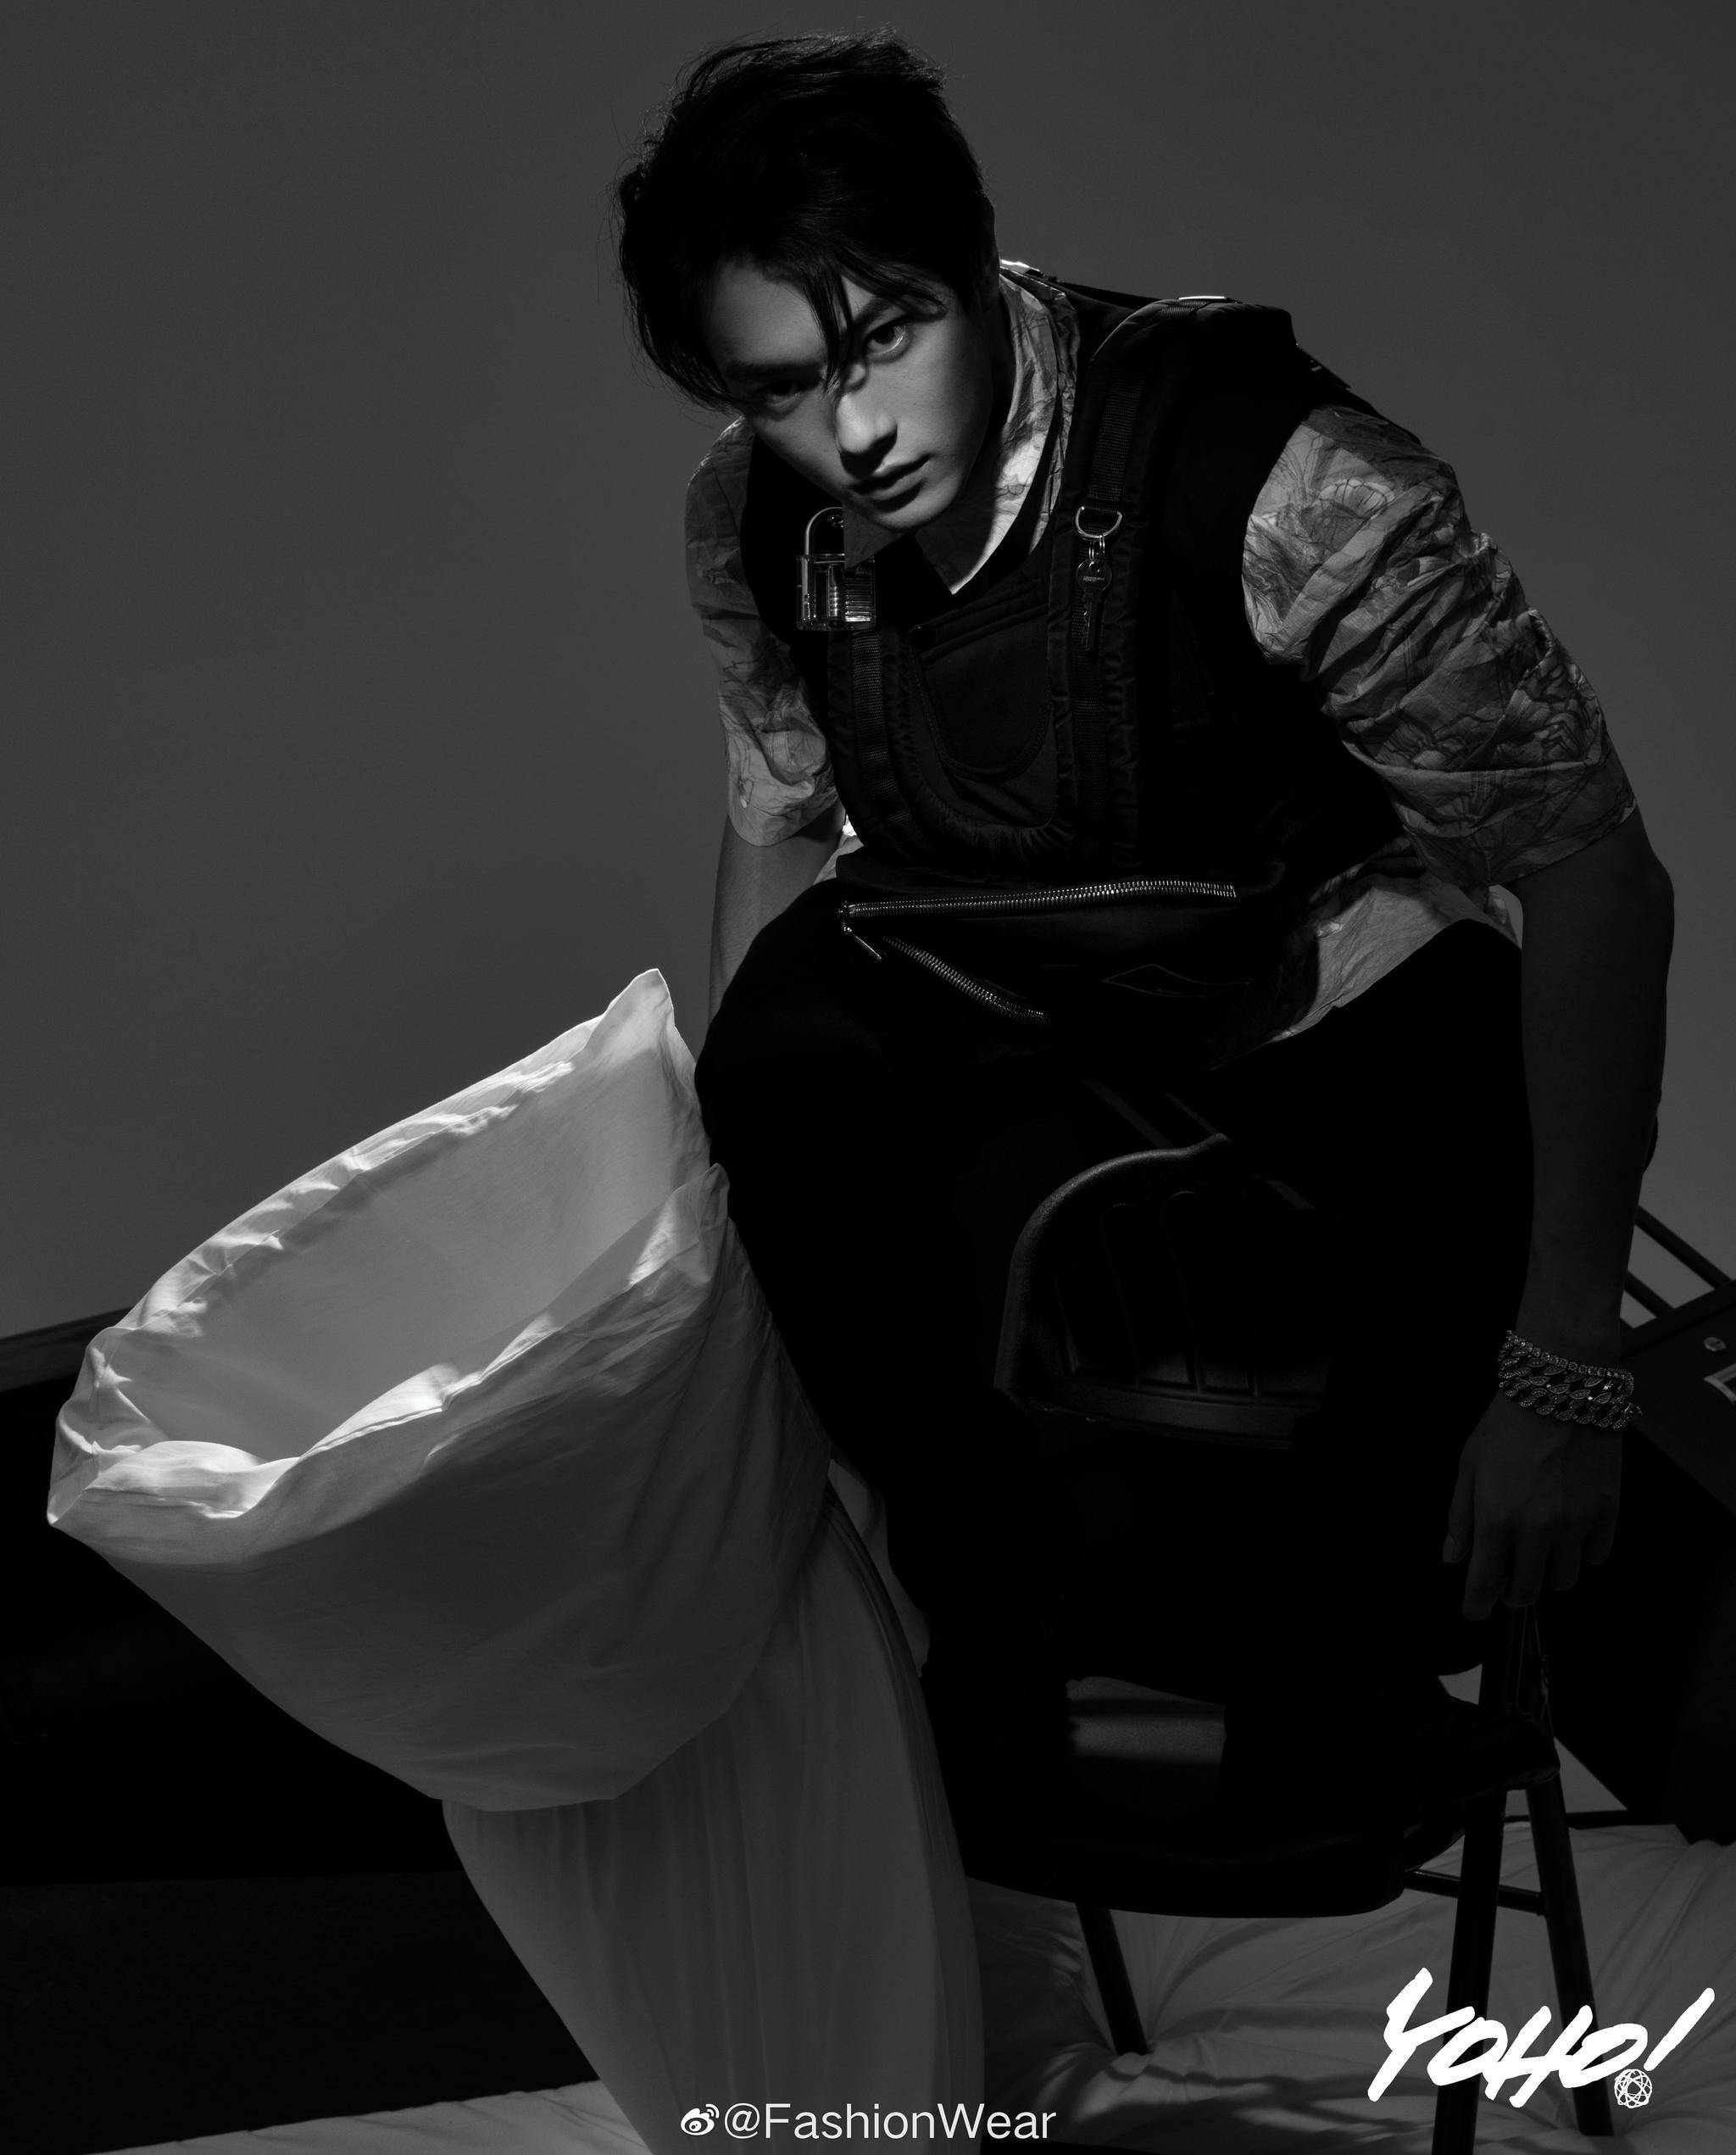 @许凯soso 演绎《YOHO!潮流志》10月刊封面大片